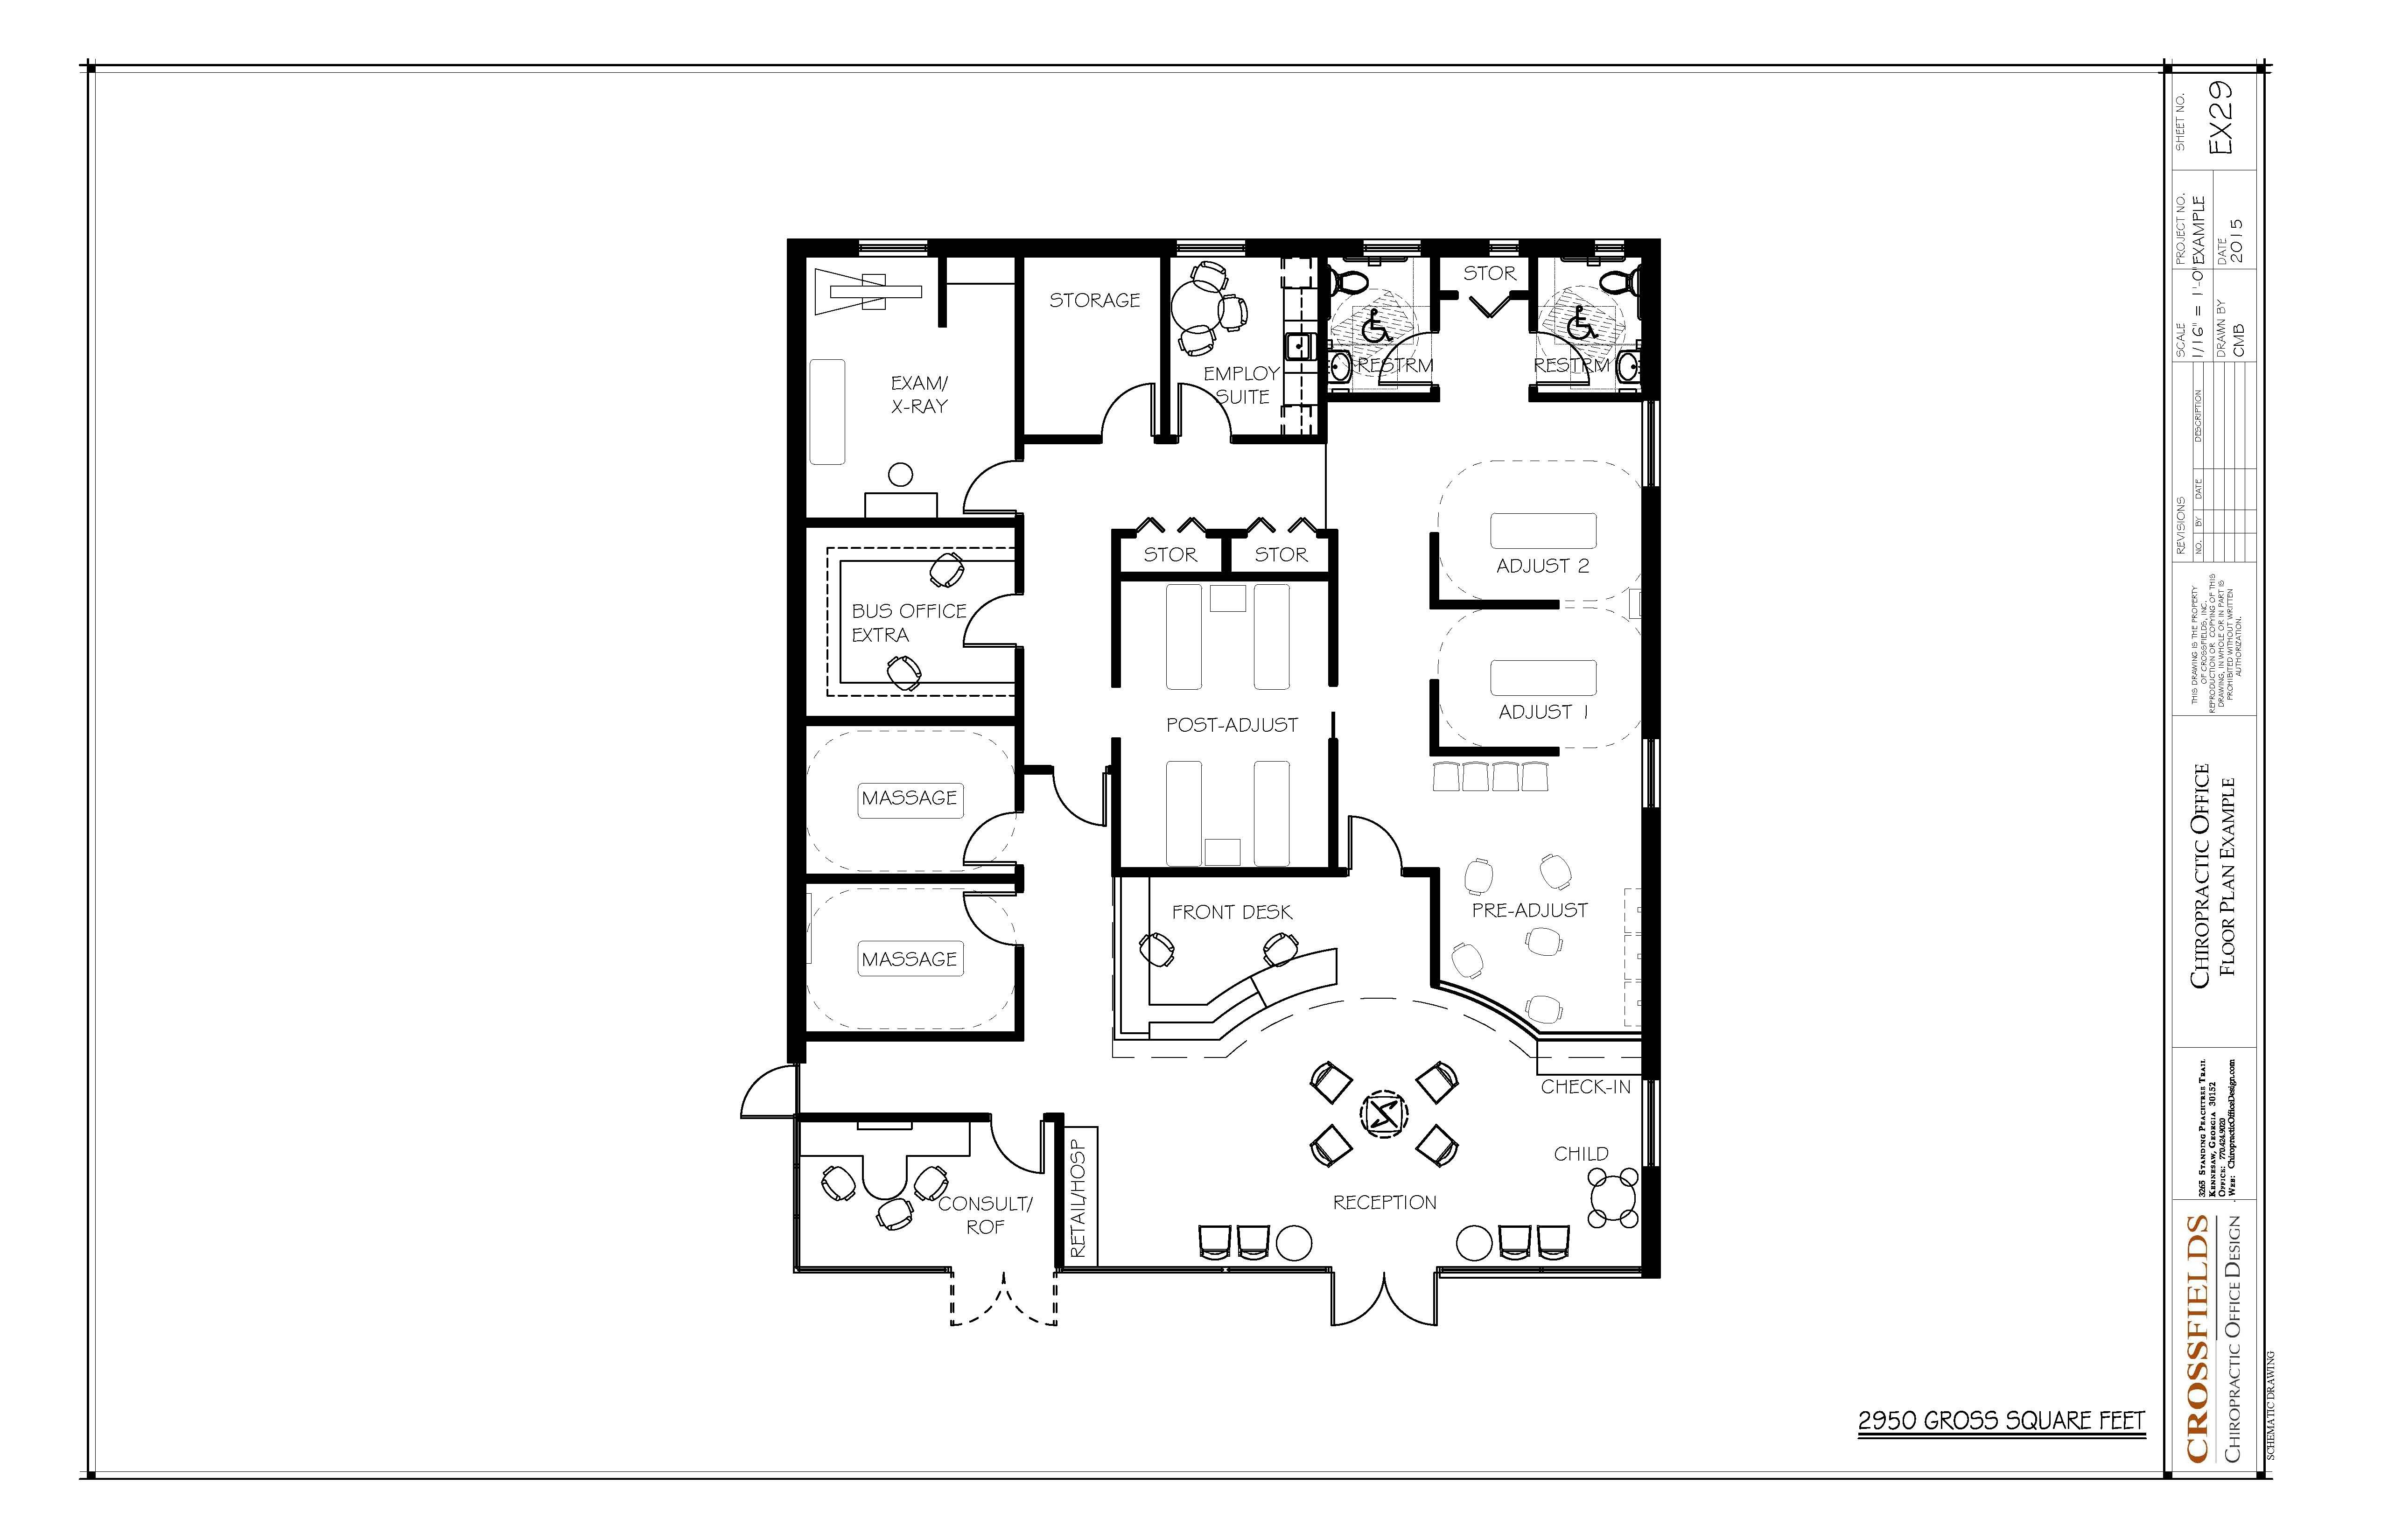 Chiropractic Office Floor Plans Versatile Medical Office Layouts